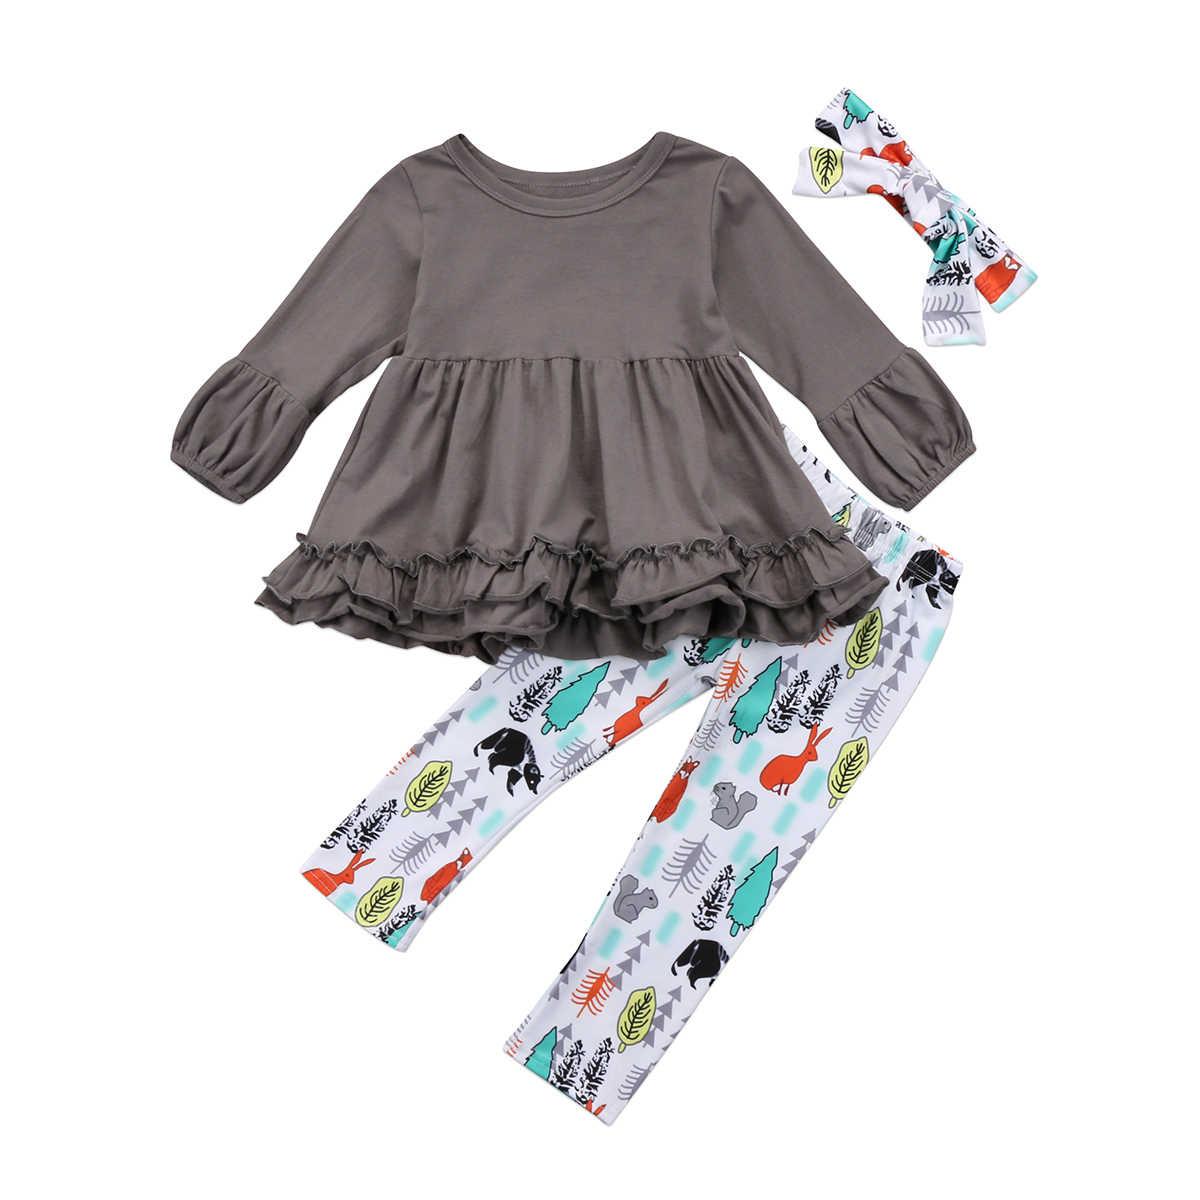 Pudcoco 2018 3 шт. Детские наряды для девочек серый туника топ платье принт Брюки для девочек Леггинсы для женщин повязка на голову Одежда для девочек на Новый Год